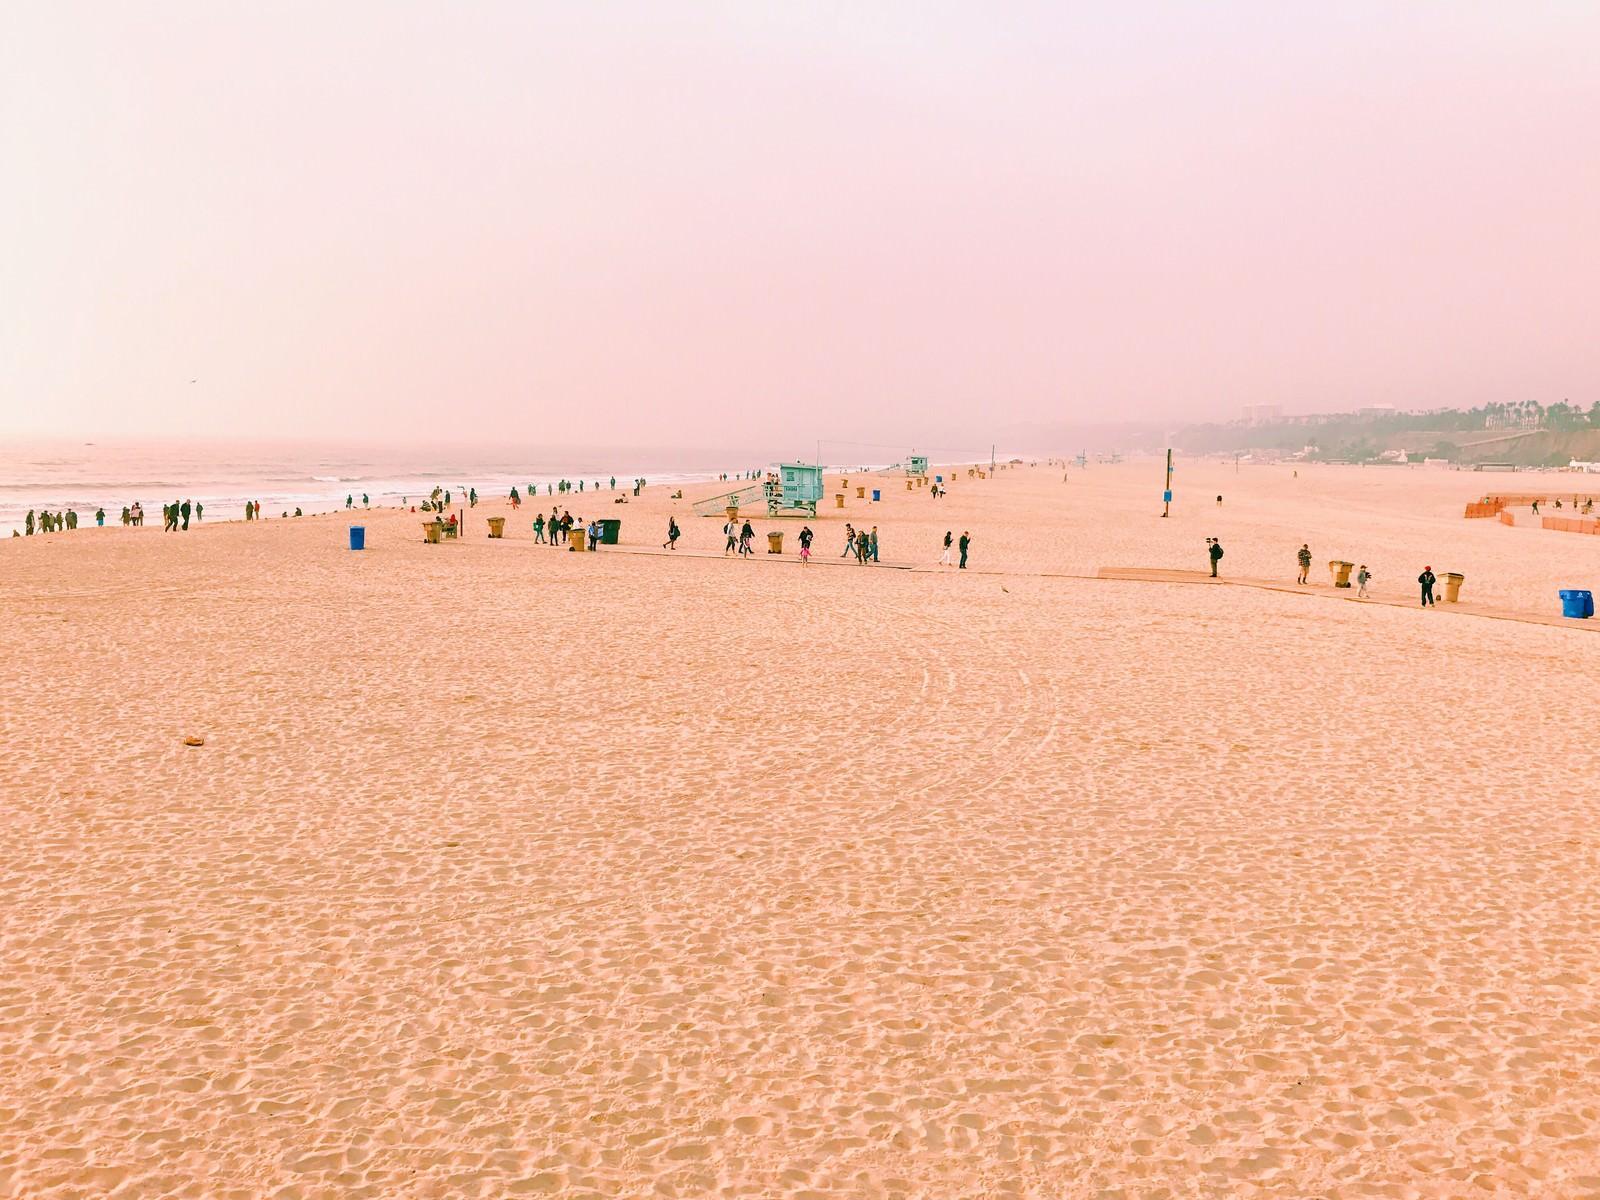 「サンタモニカのビーチ(カリフォルニア)サンタモニカのビーチ(カリフォルニア)」のフリー写真素材を拡大